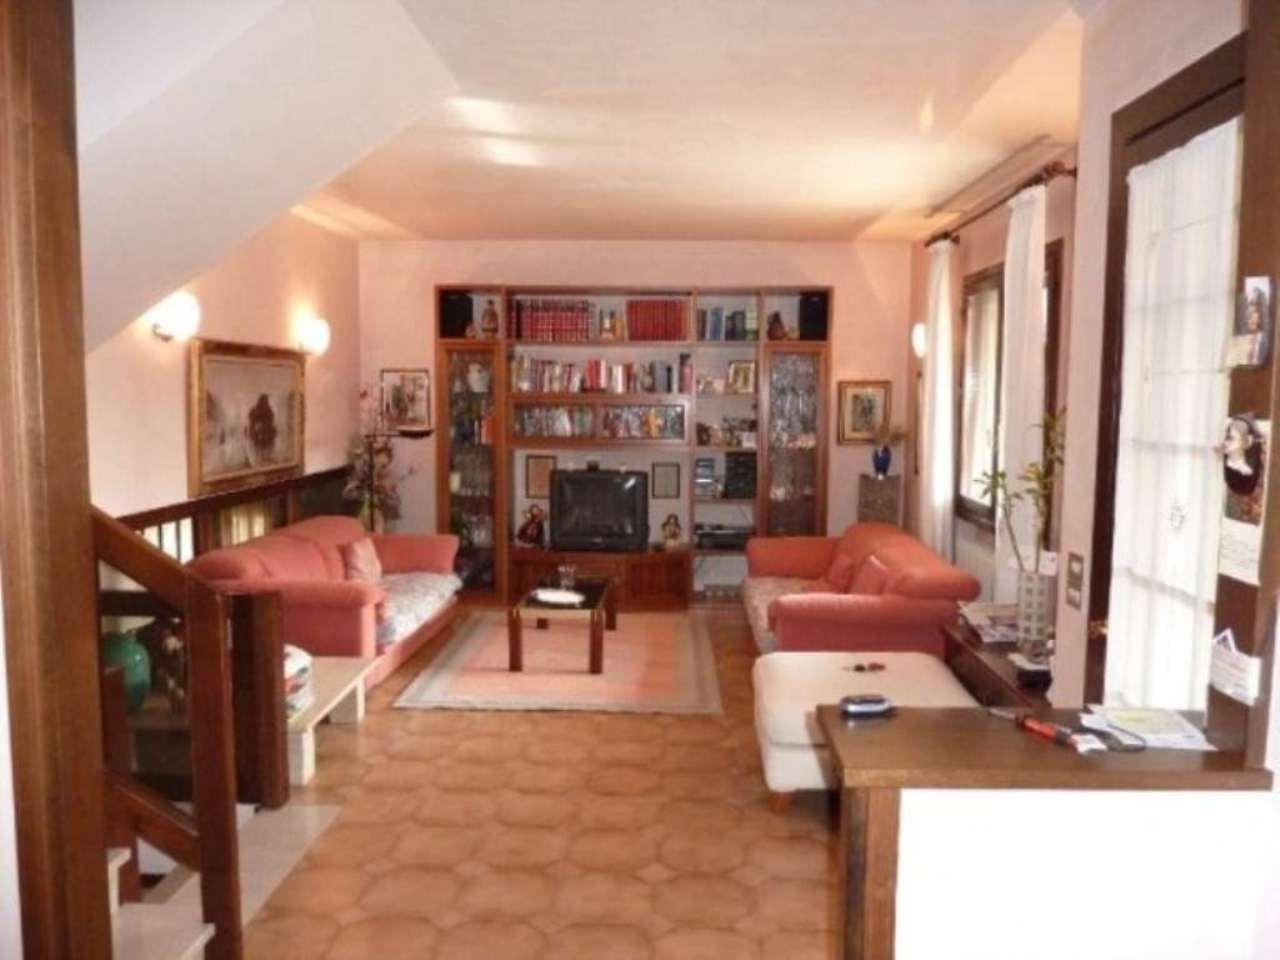 Soluzione Indipendente in vendita a Villorba, 6 locali, prezzo € 265.000 | Cambio Casa.it